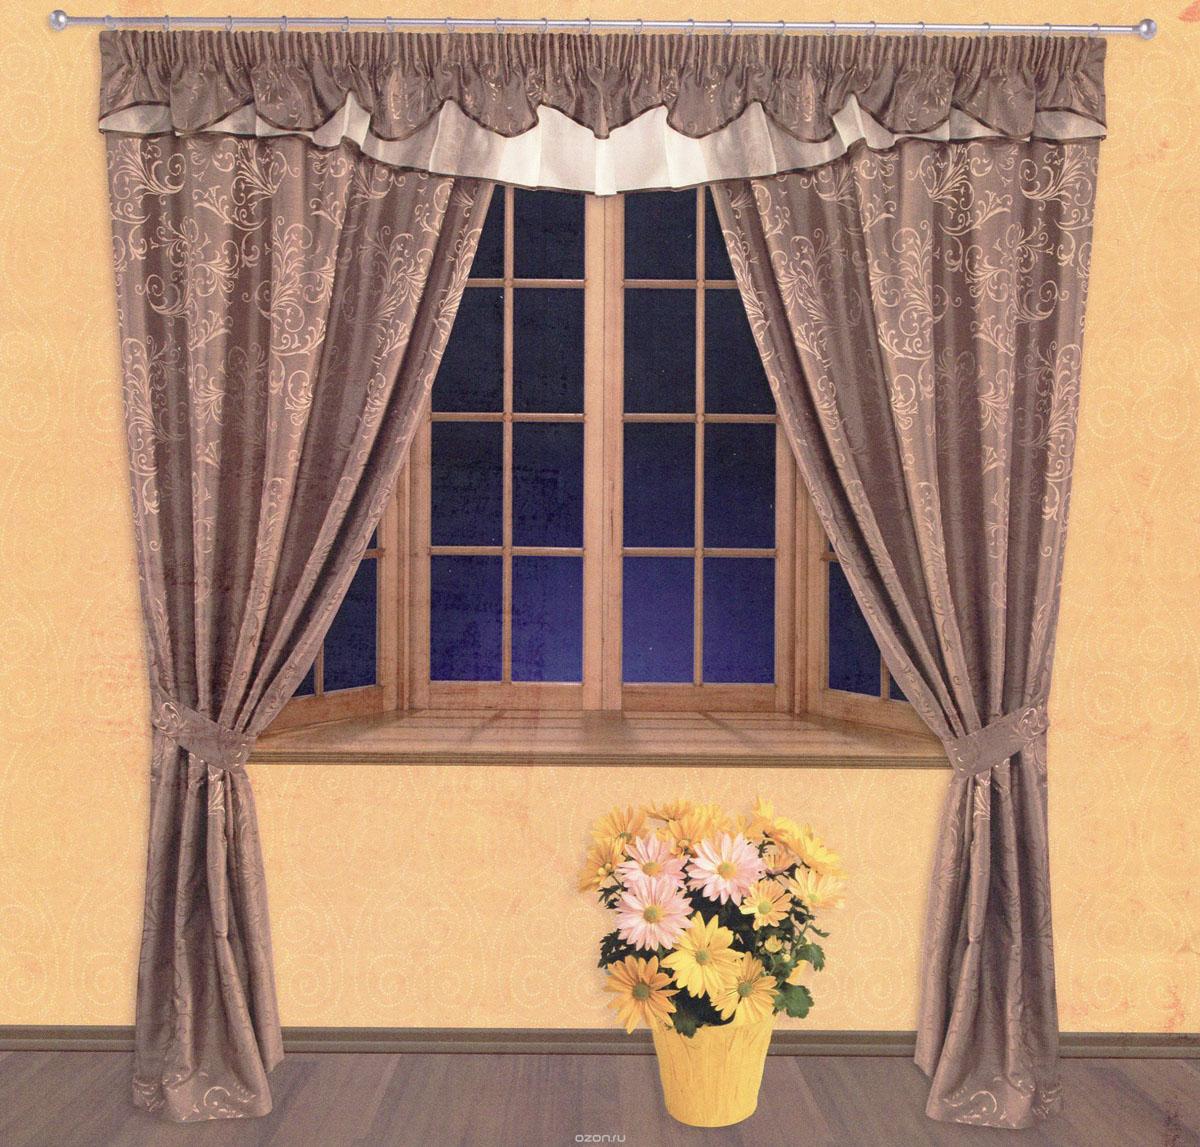 Комплект штор Zlata Korunka, на ленте, цвет: коричневый, высота 250 см. 5552555525Роскошный комплект штор Zlata Korunka, выполненный из сатина, жаккарда и вуали (100% полиэстера), великолепно украсит любое окно. Комплект состоит из двух портьер, ламбрекена и двух подхватов. Сочетание плотной и полупрозрачной тонкой ткани, оригинальный орнамент и приятная, приглушенная гамма привлекут к себе внимание и органично впишутся в интерьер помещения. Комплект крепится на карниз при помощи шторной ленты, которая поможет красиво и равномерно задрапировать верх. Портьеры можно зафиксировать в одном положении с помощью двух подхватов. Этот комплект будет долгое время радовать вас и вашу семью! В комплект входит: Портьера: 2 шт. Размер (ШхВ): 140 см х 250 см. Ламбрекен: 1 шт. Размер (ШхВ): 400 см х 50 см. Подхват: 2 шт. Размер (ШхВ): 60 см х 10 см.